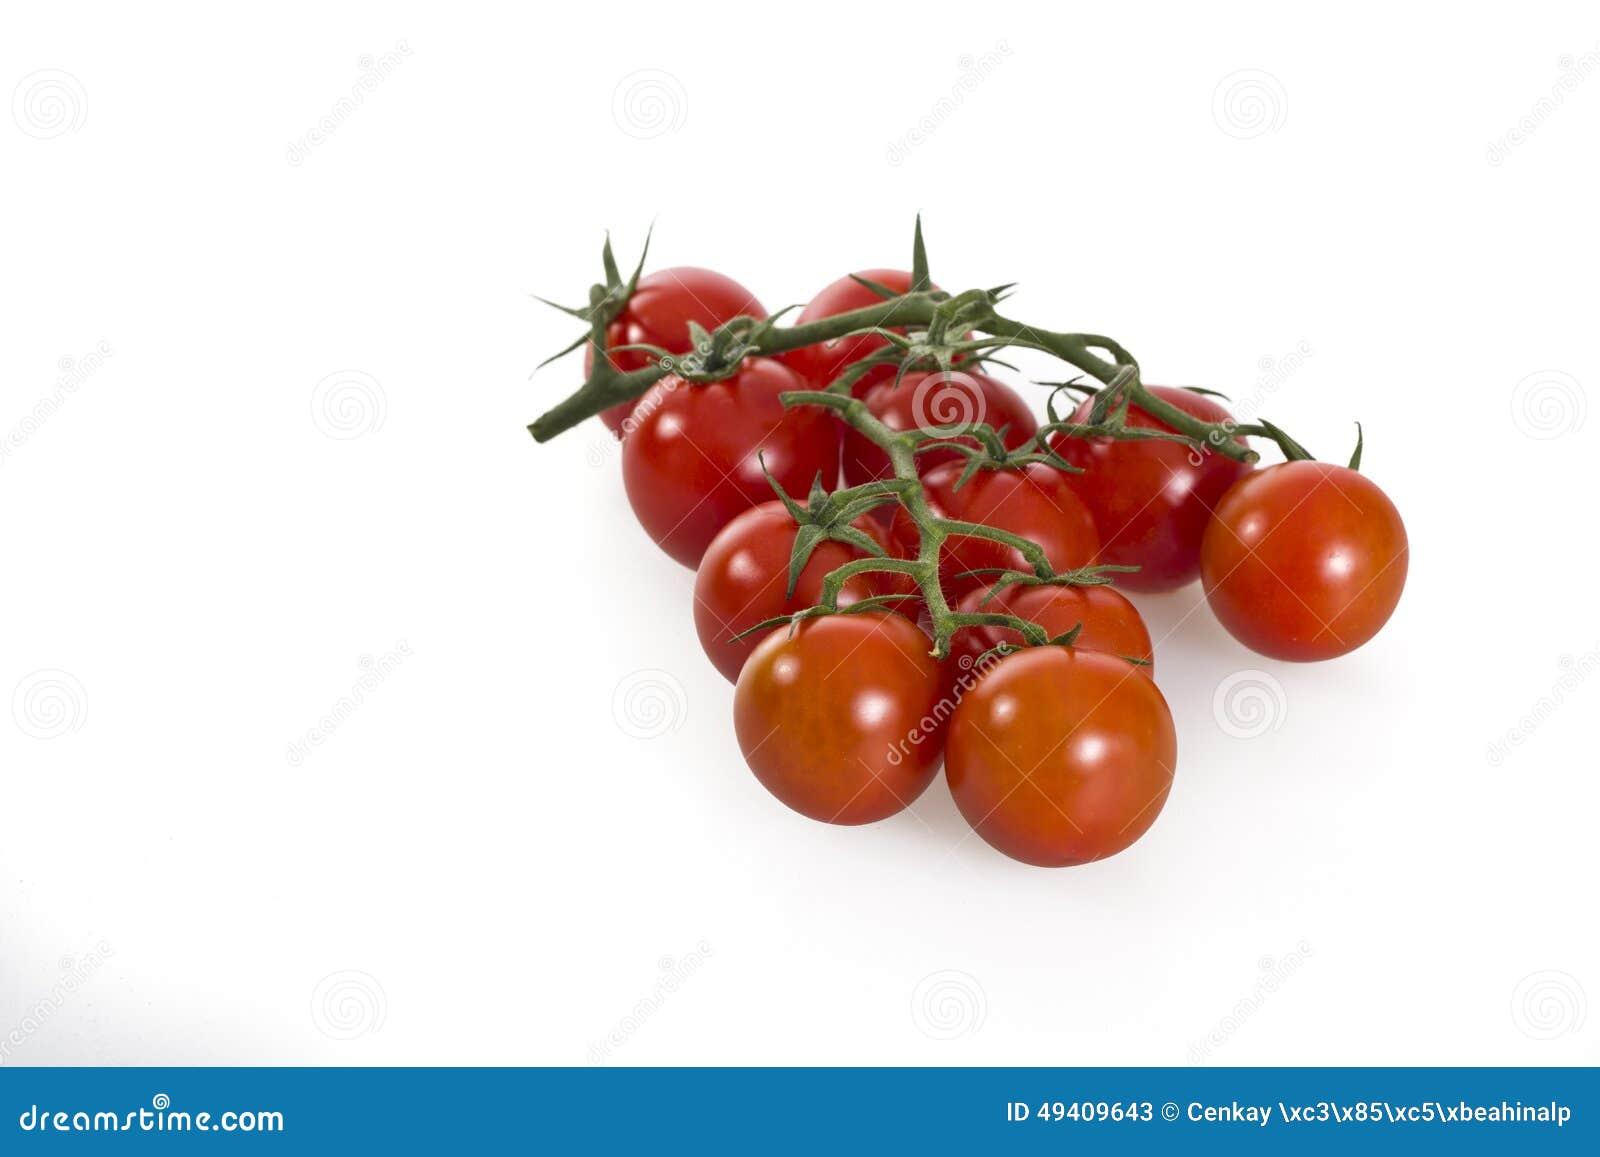 Download Tomaten stockbild. Bild von organisch, getrennt, bestandteil - 49409643